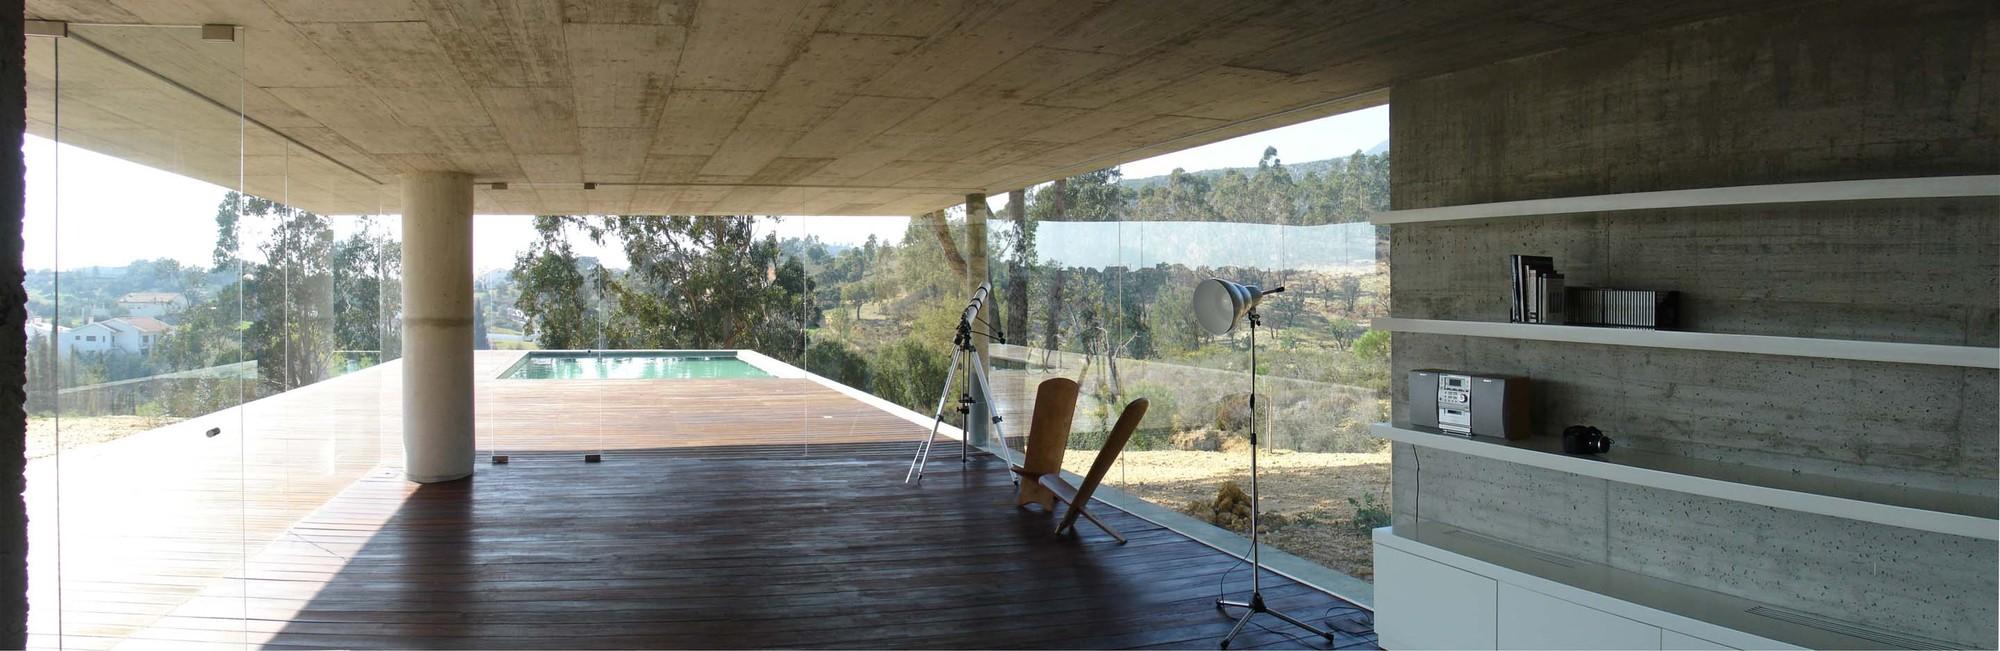 galeria de casa em pedrog o phyd arquitectura 4. Black Bedroom Furniture Sets. Home Design Ideas